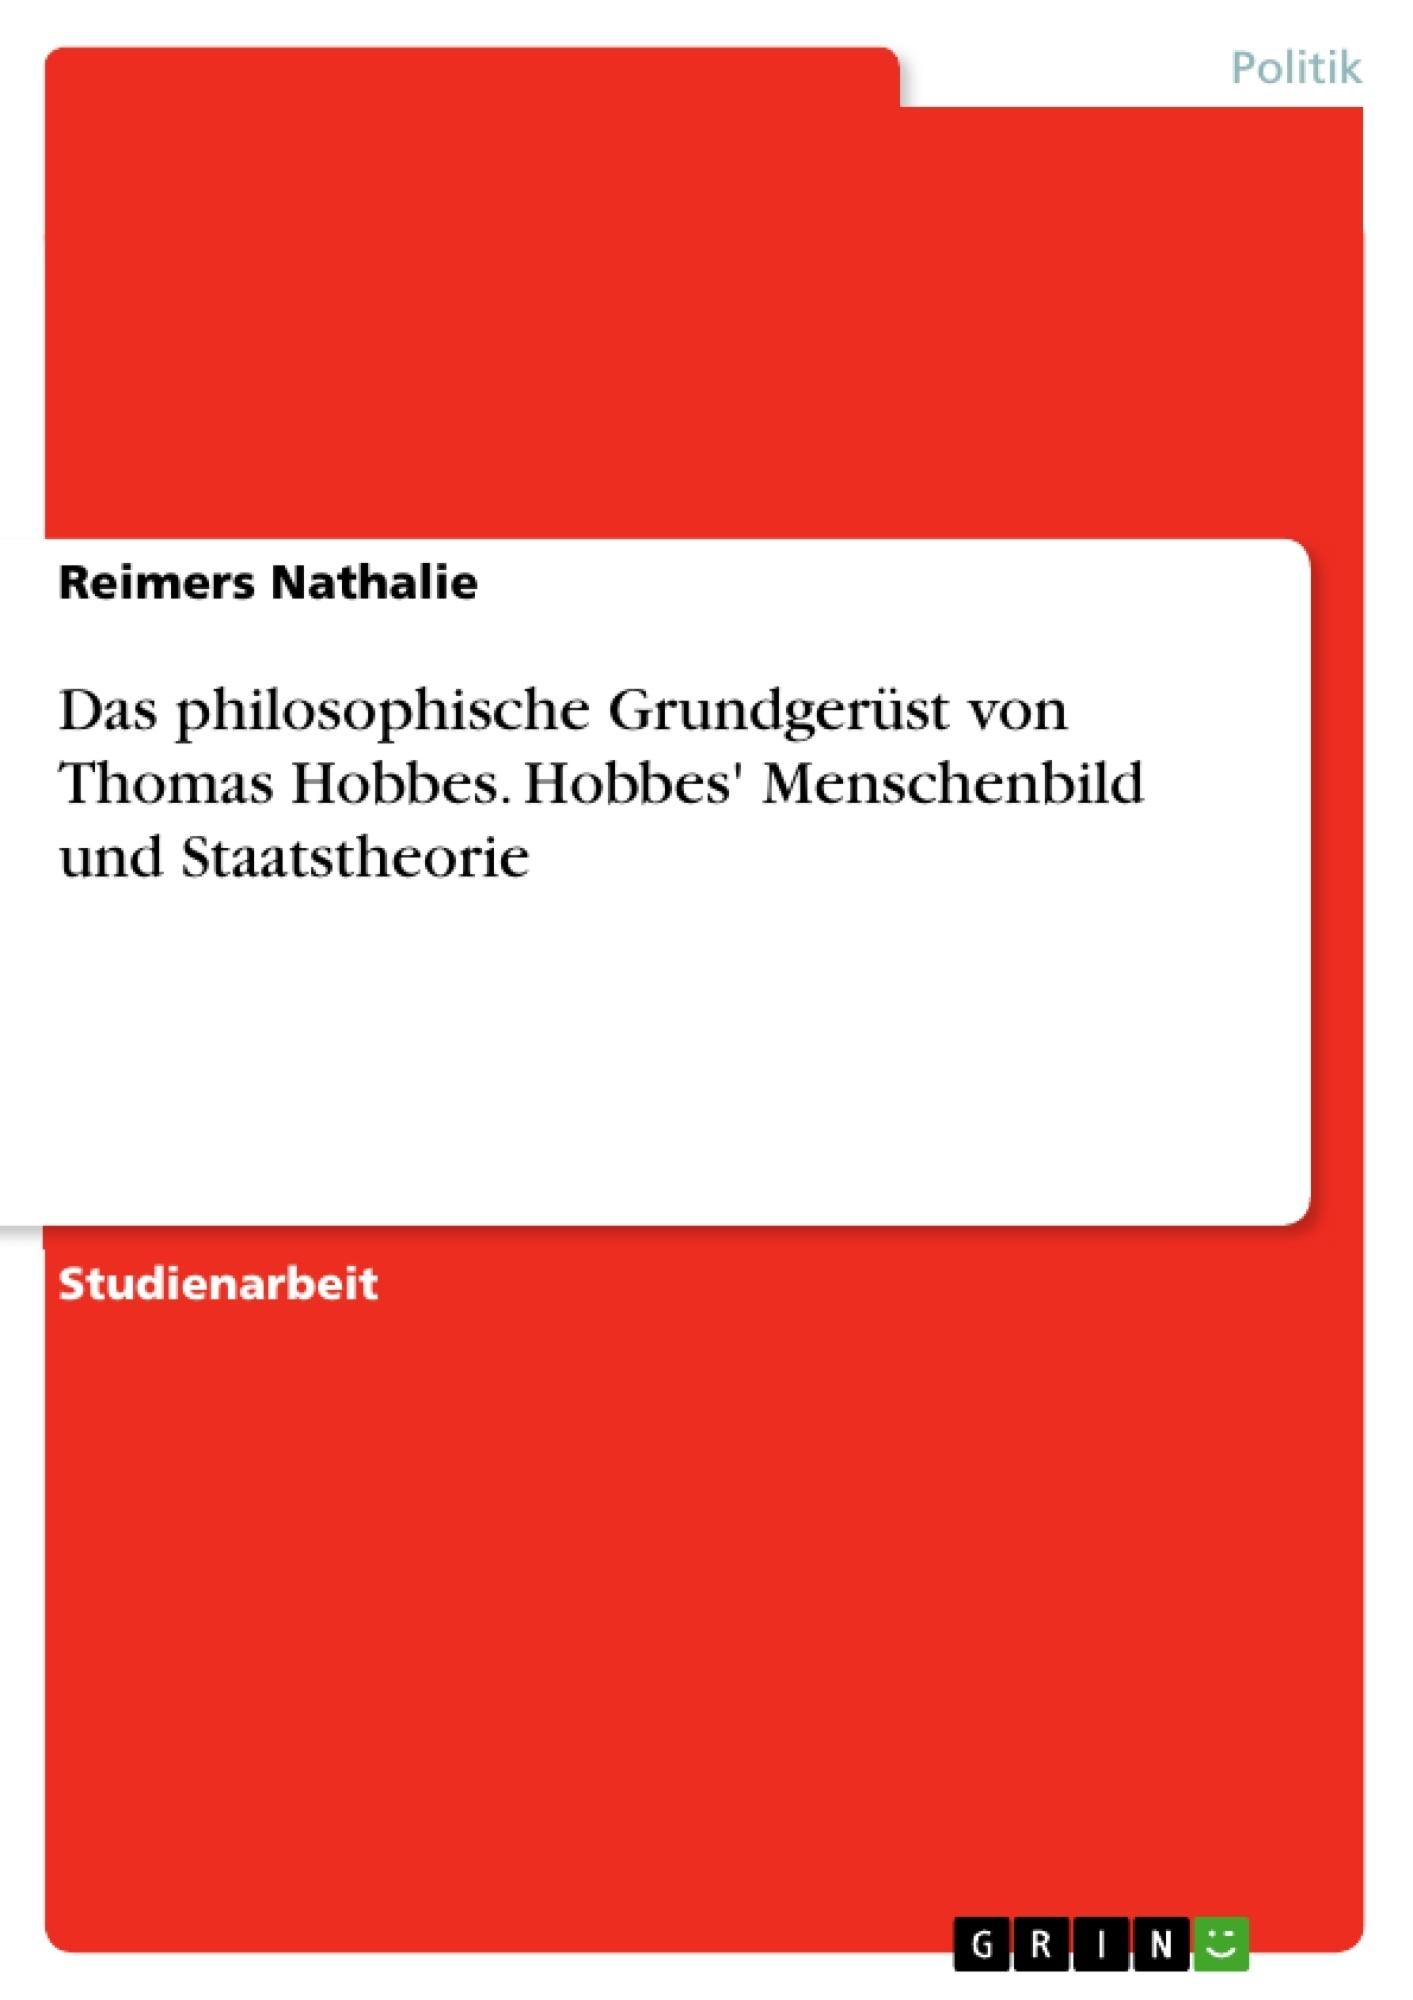 Titel: Das philosophische Grundgerüst von Thomas Hobbes. Hobbes' Menschenbild und Staatstheorie